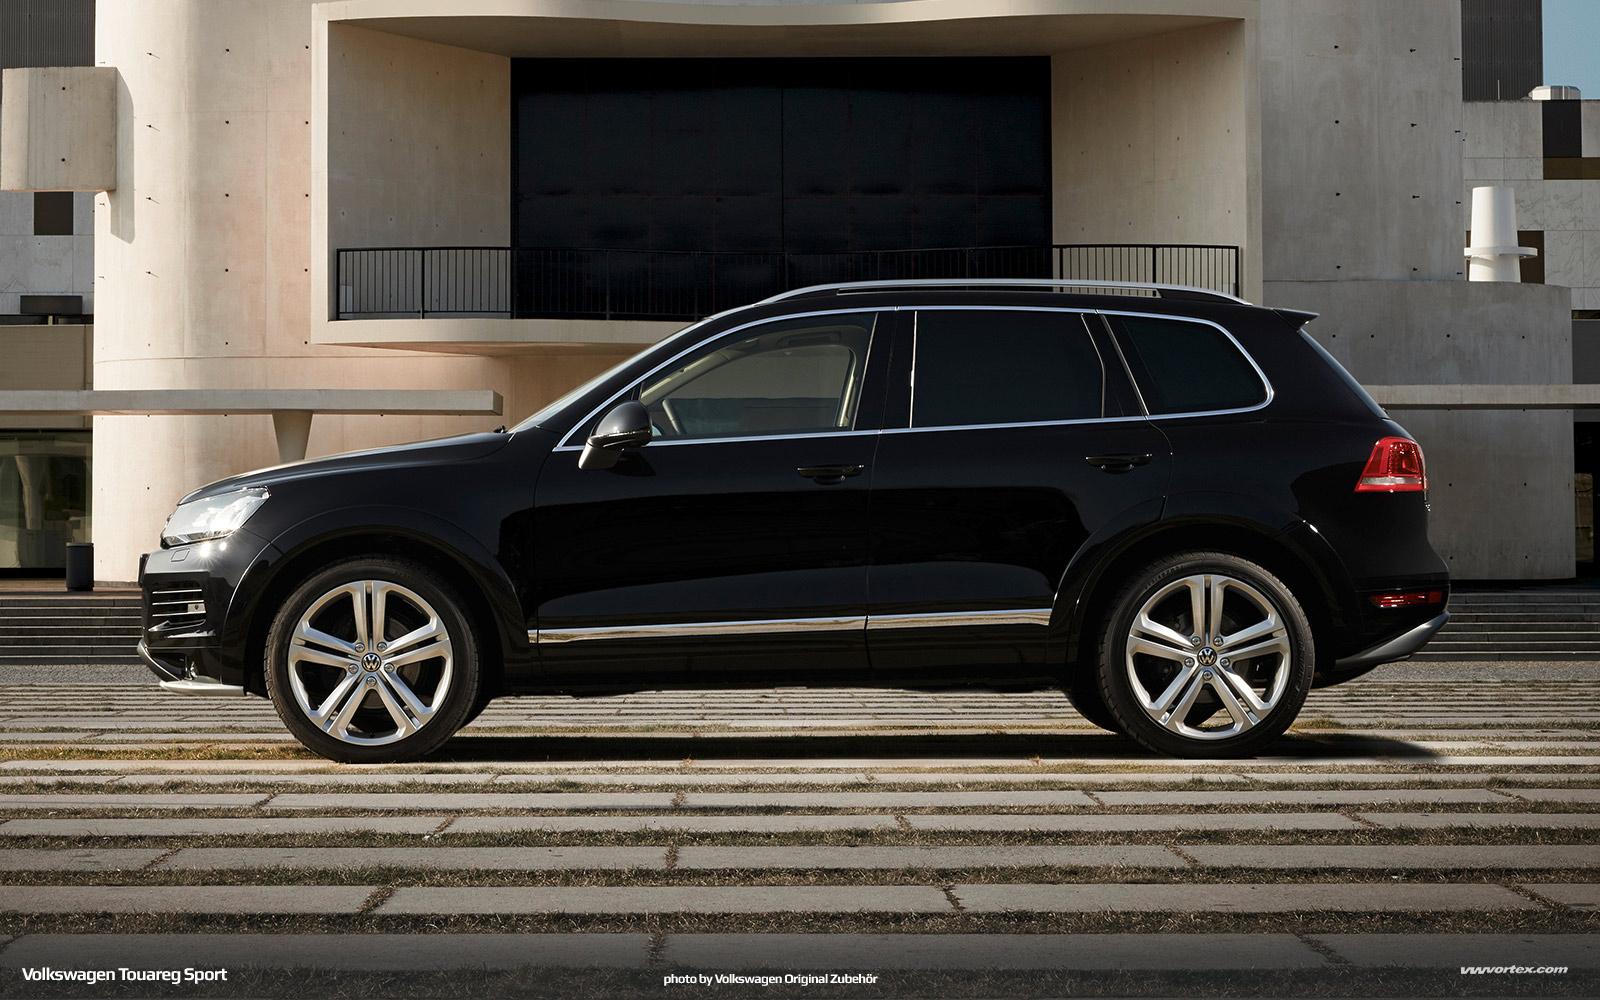 Volkswagen Touareg Sport Zubehor 381 600x375